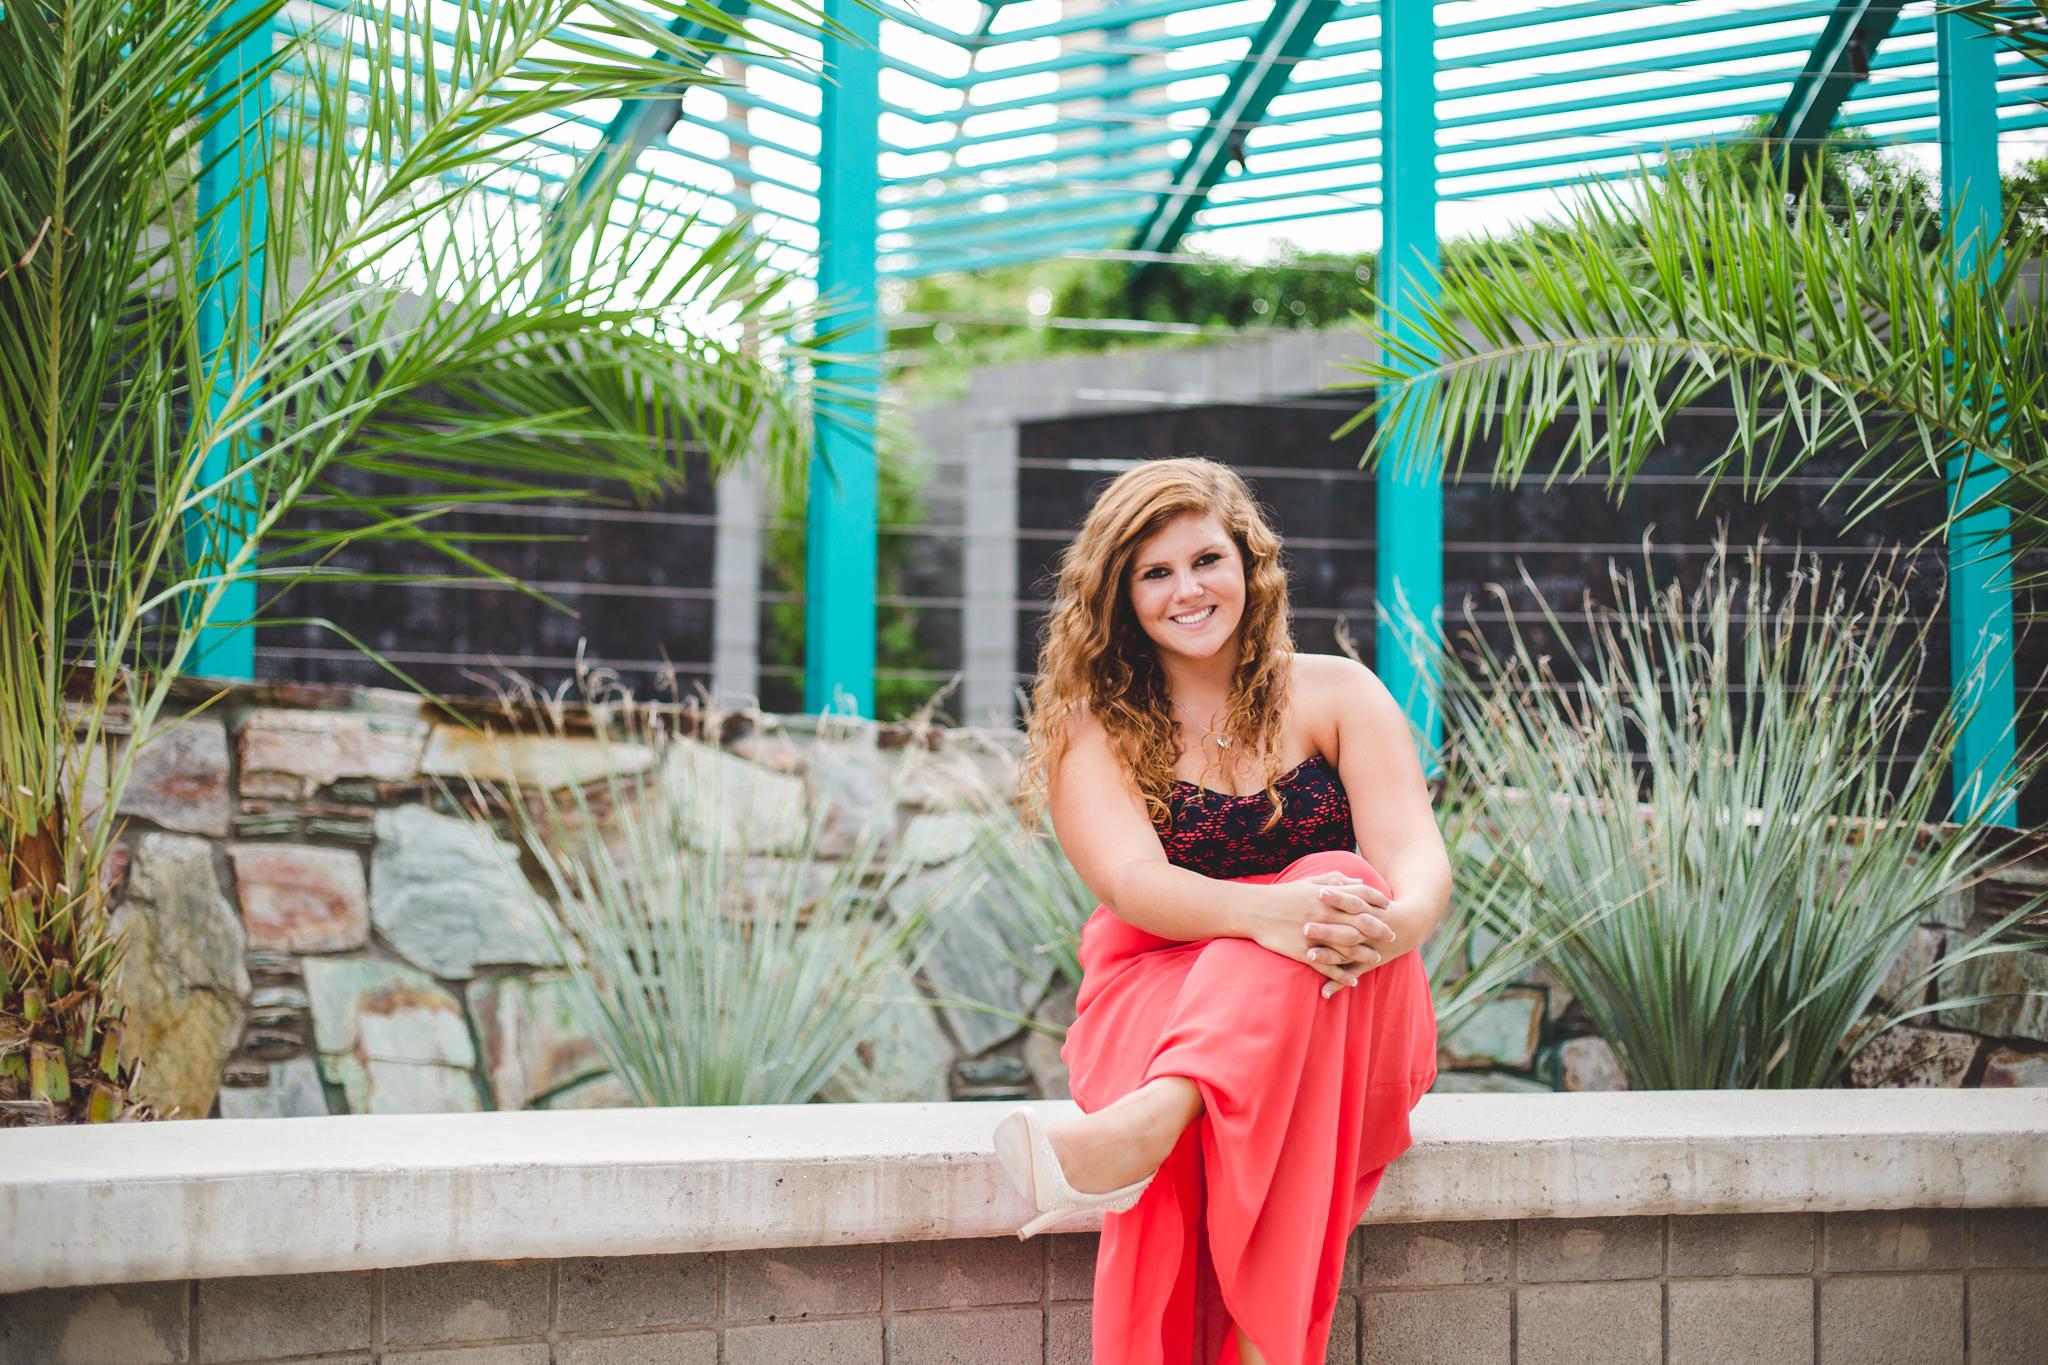 Marissa Sits on Bench Great Architecture Garden